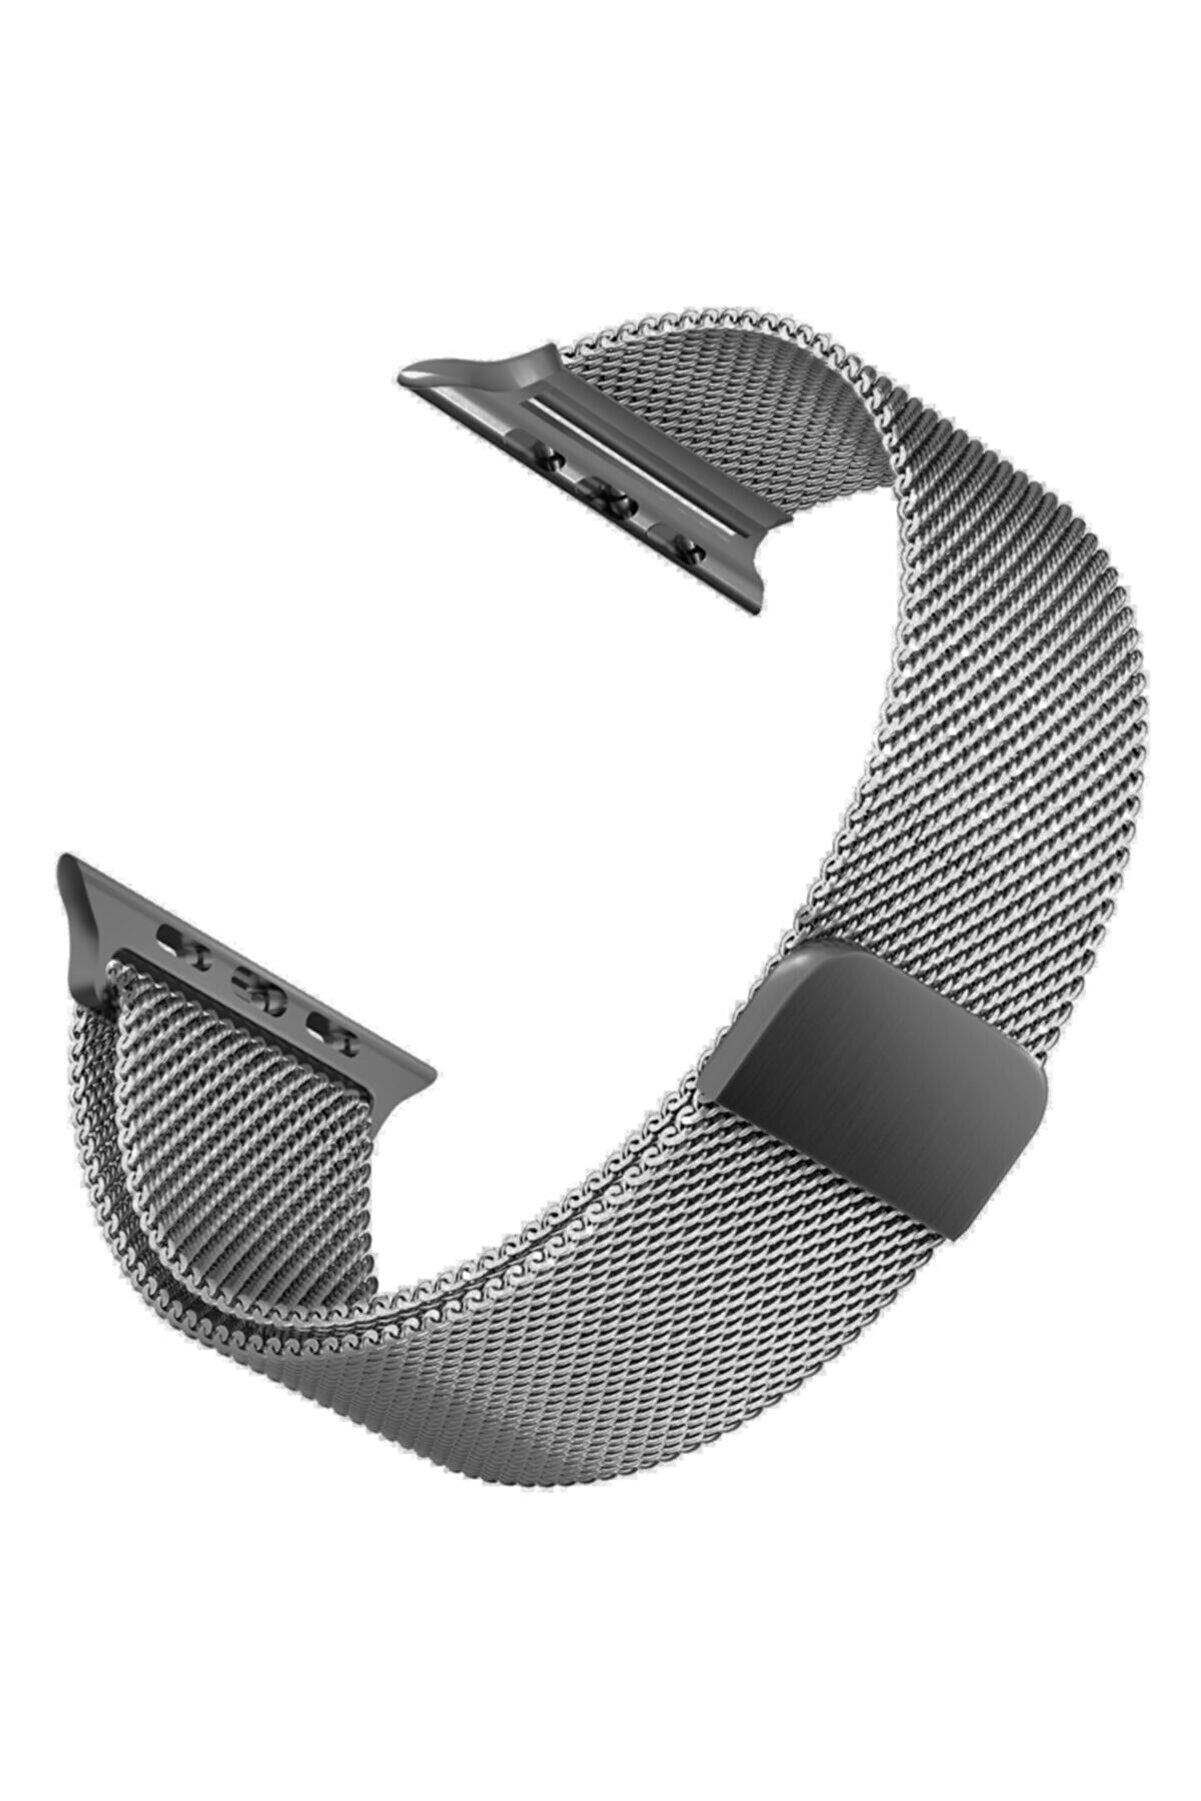 Microsonic Gri Microsonic Watch 5 44mm Milanese Loop Version 3 Kordon